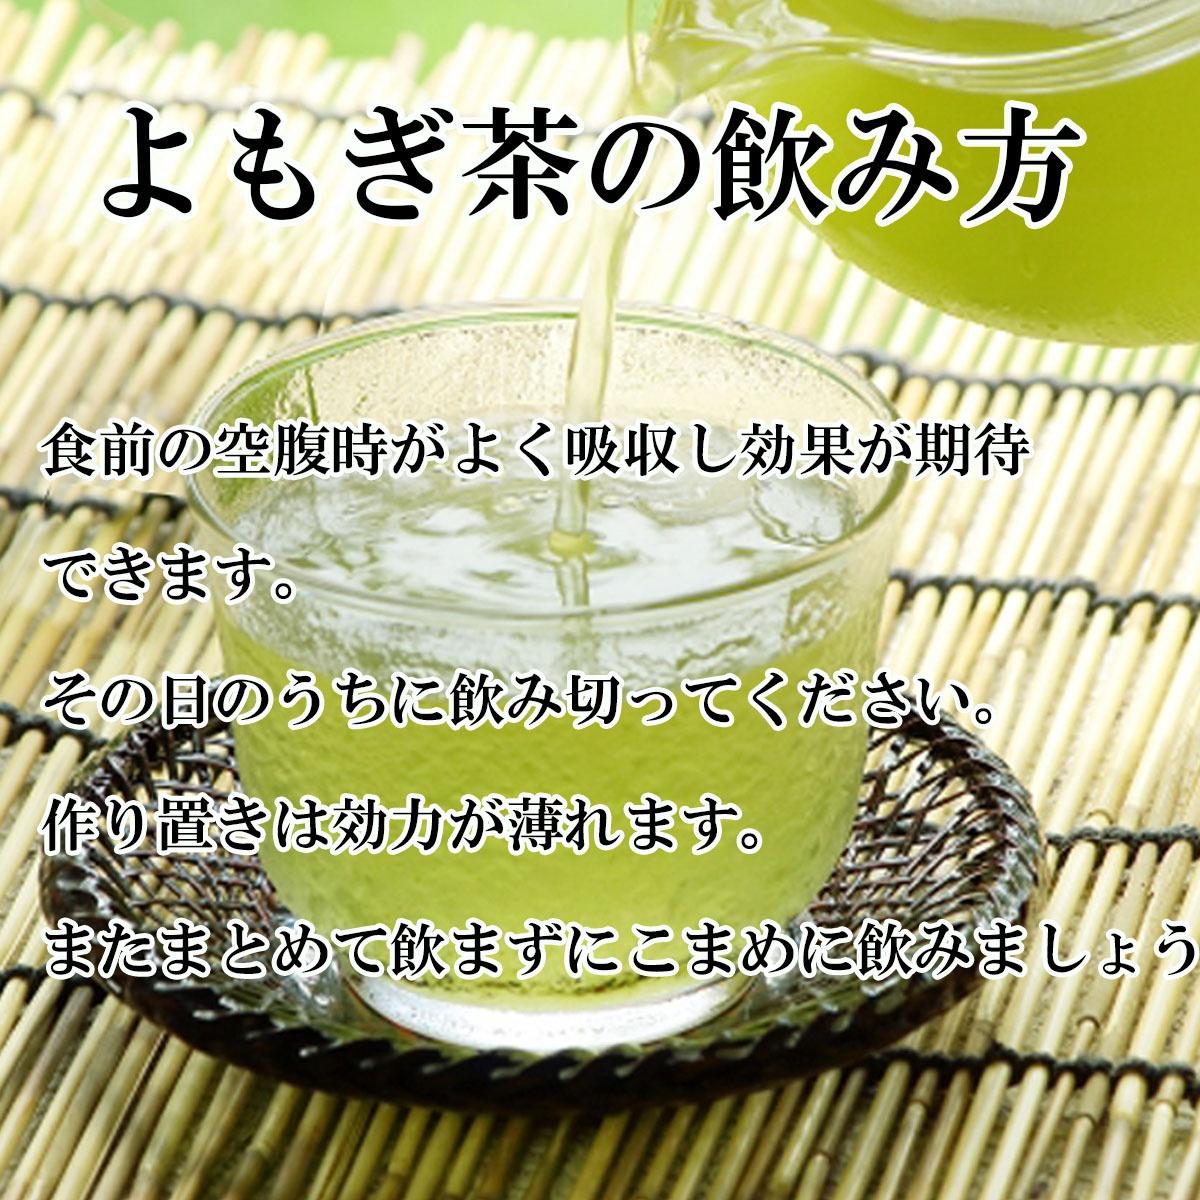 深吉野よもぎ加工組合 よもぎ茶 よもぎティーバッグの商品画像7